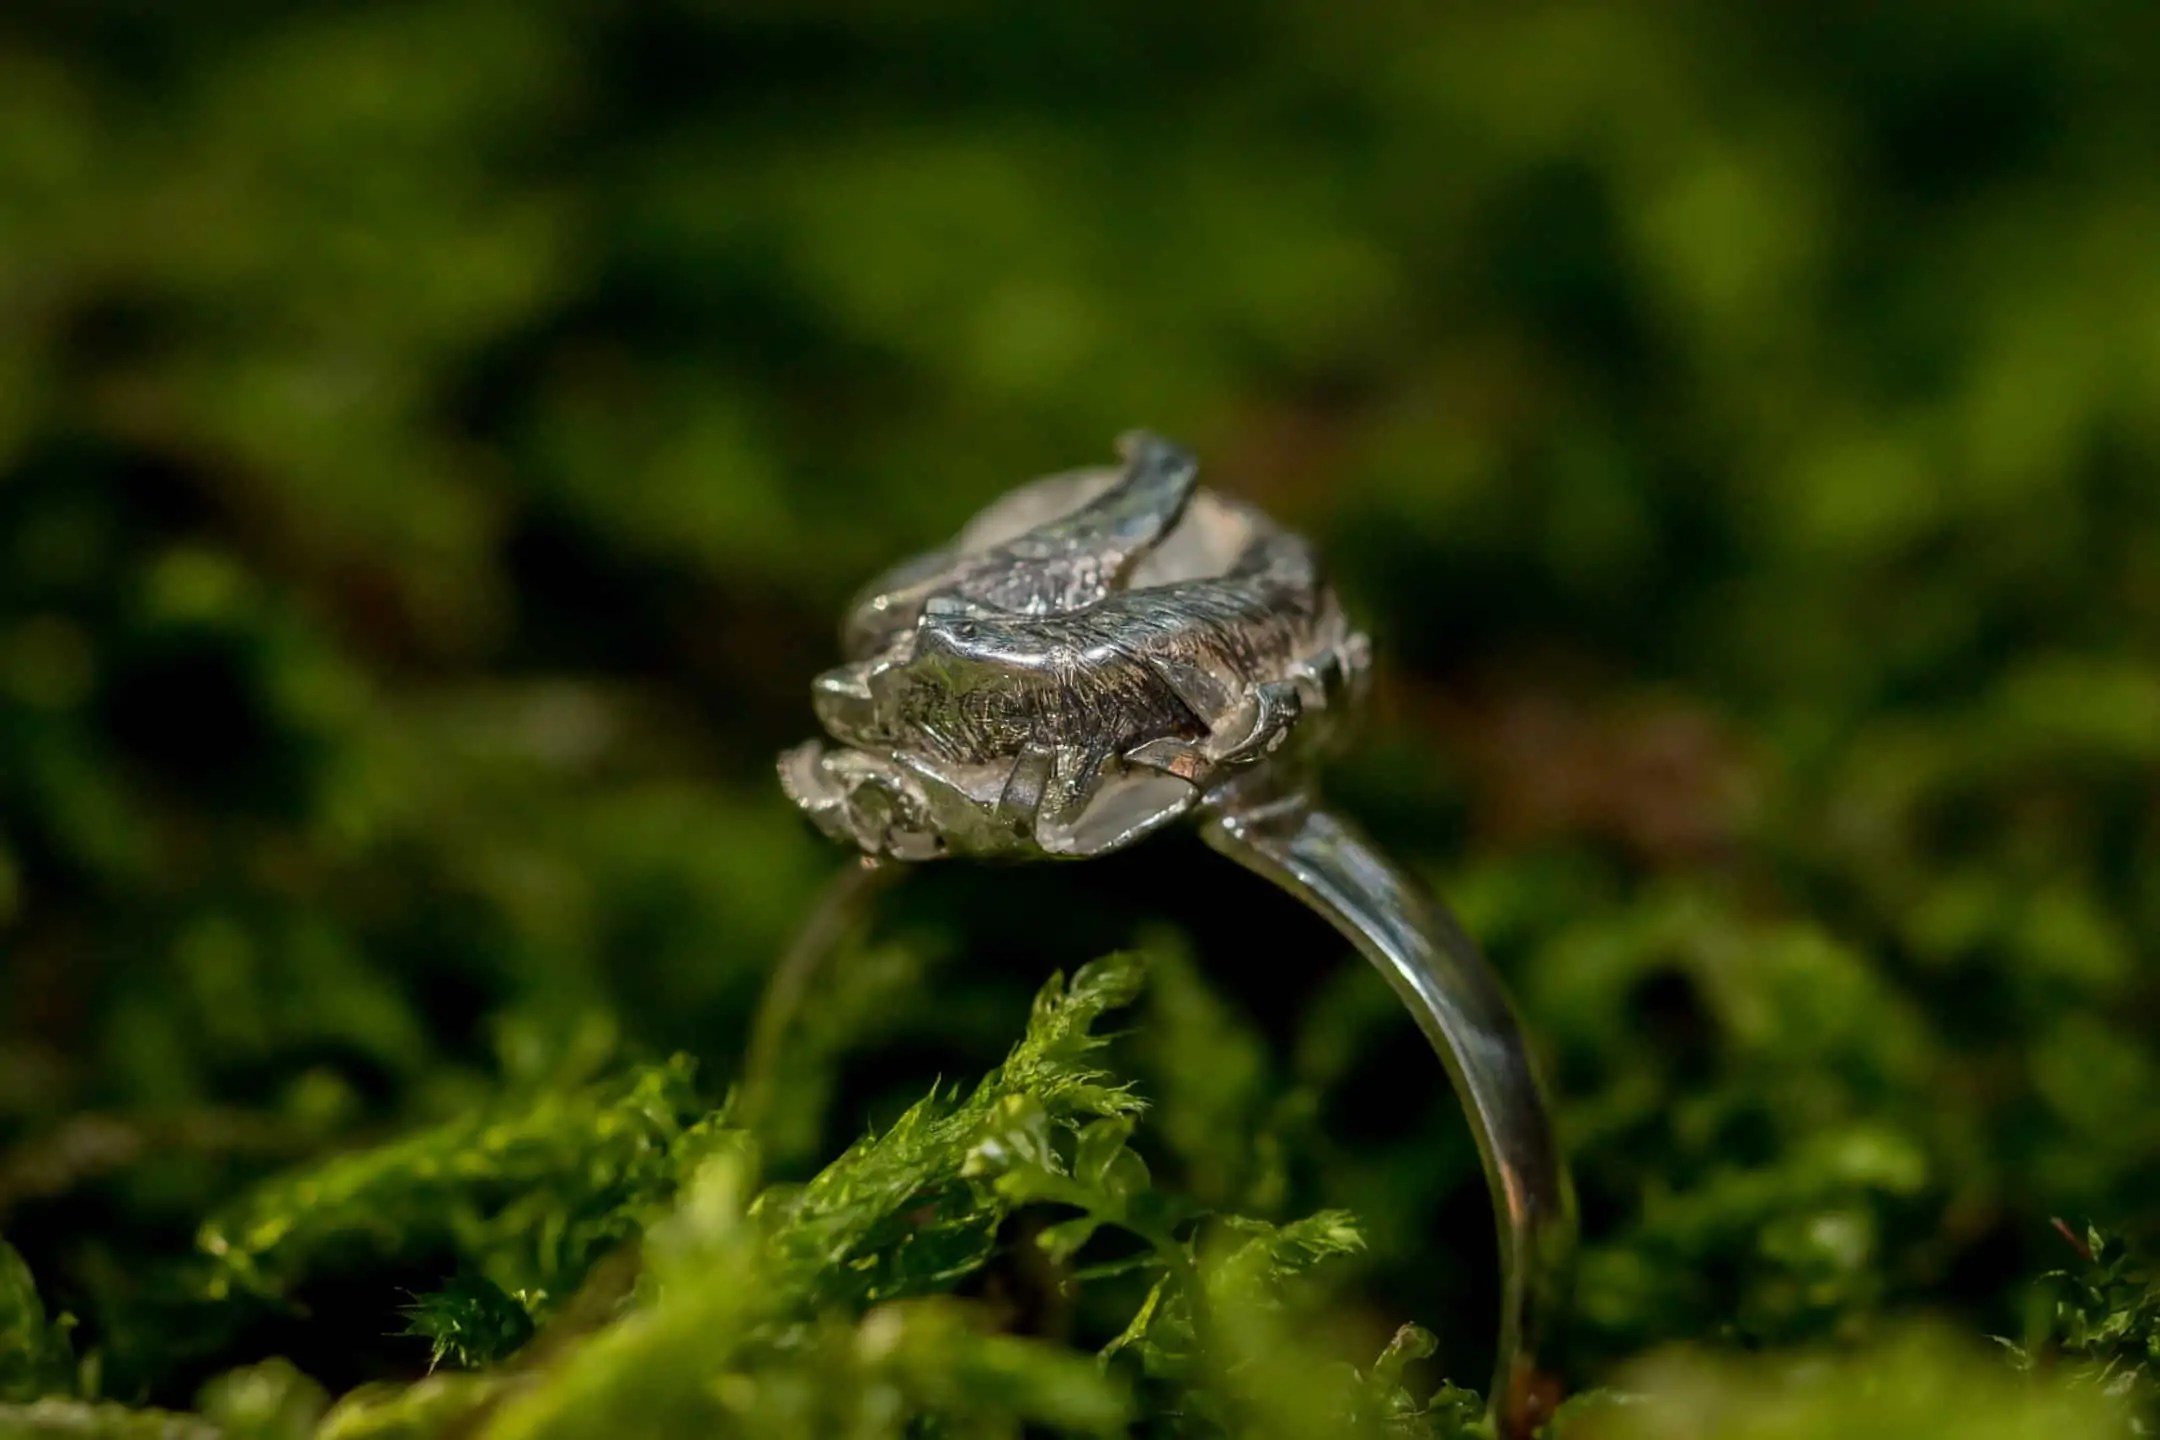 Jak zrobić zdjęcie biżuterii - tamron makro 90mm